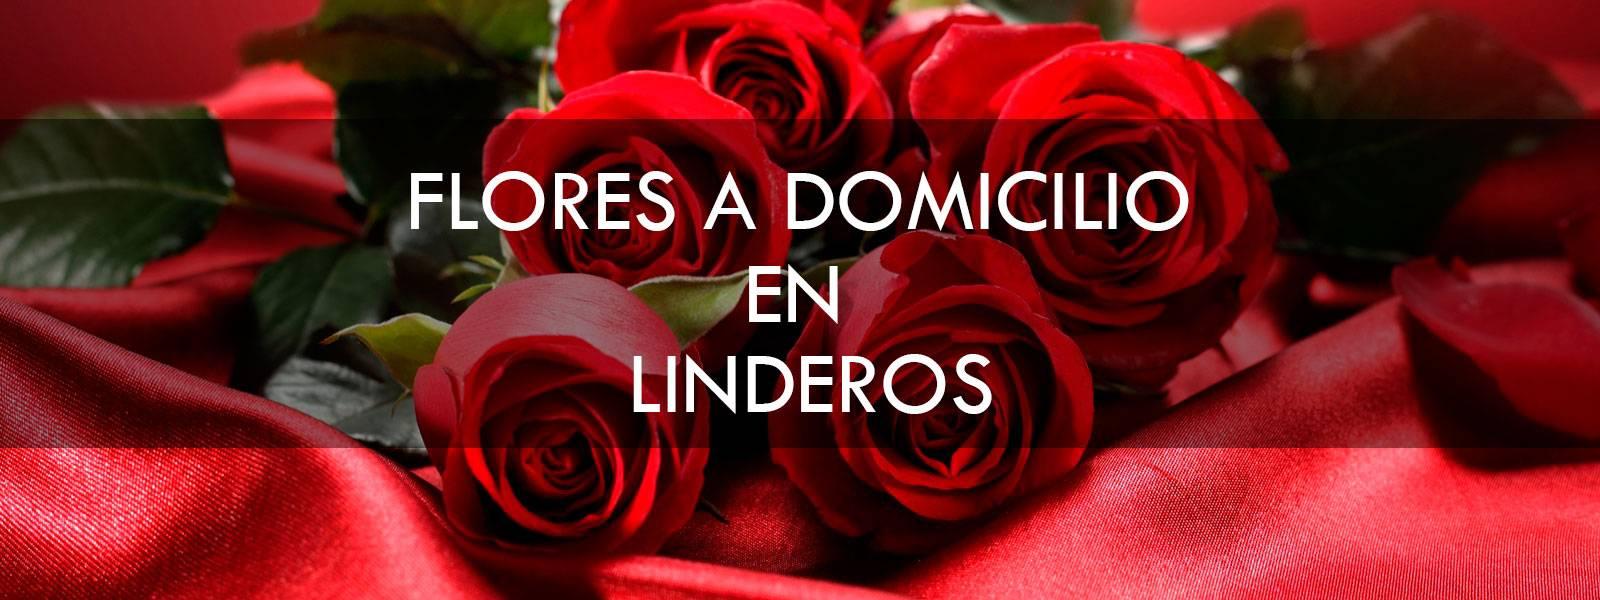 Flores a domicilio en Linderos